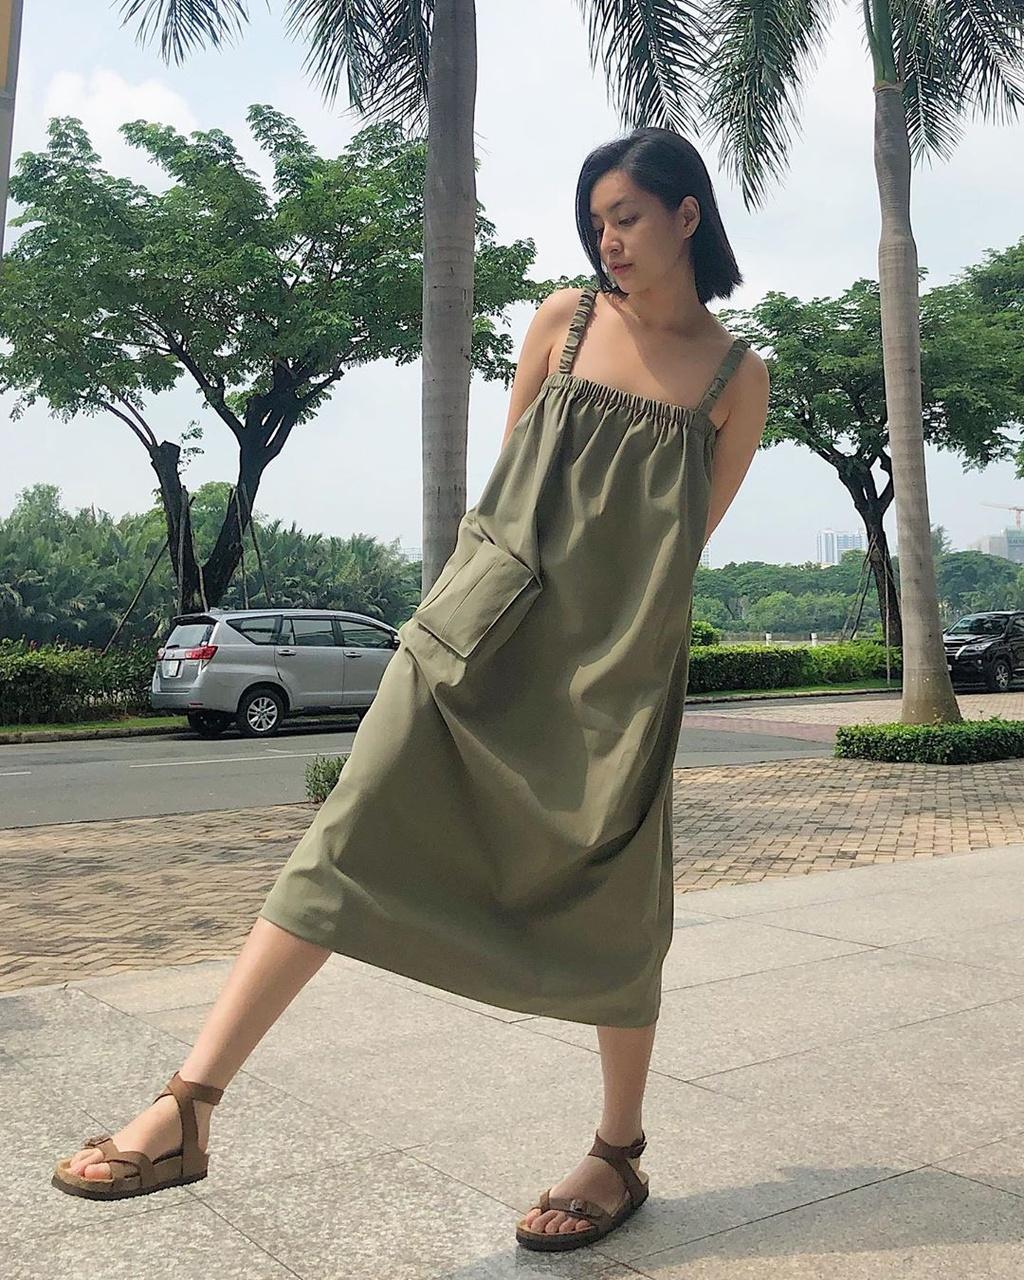 Ha Lan 'Mat biec' chuong style nang tho, Hong thich kieu truong thanh hinh anh 16 72711246_814410229011463_3176122739725269370_n.jpg